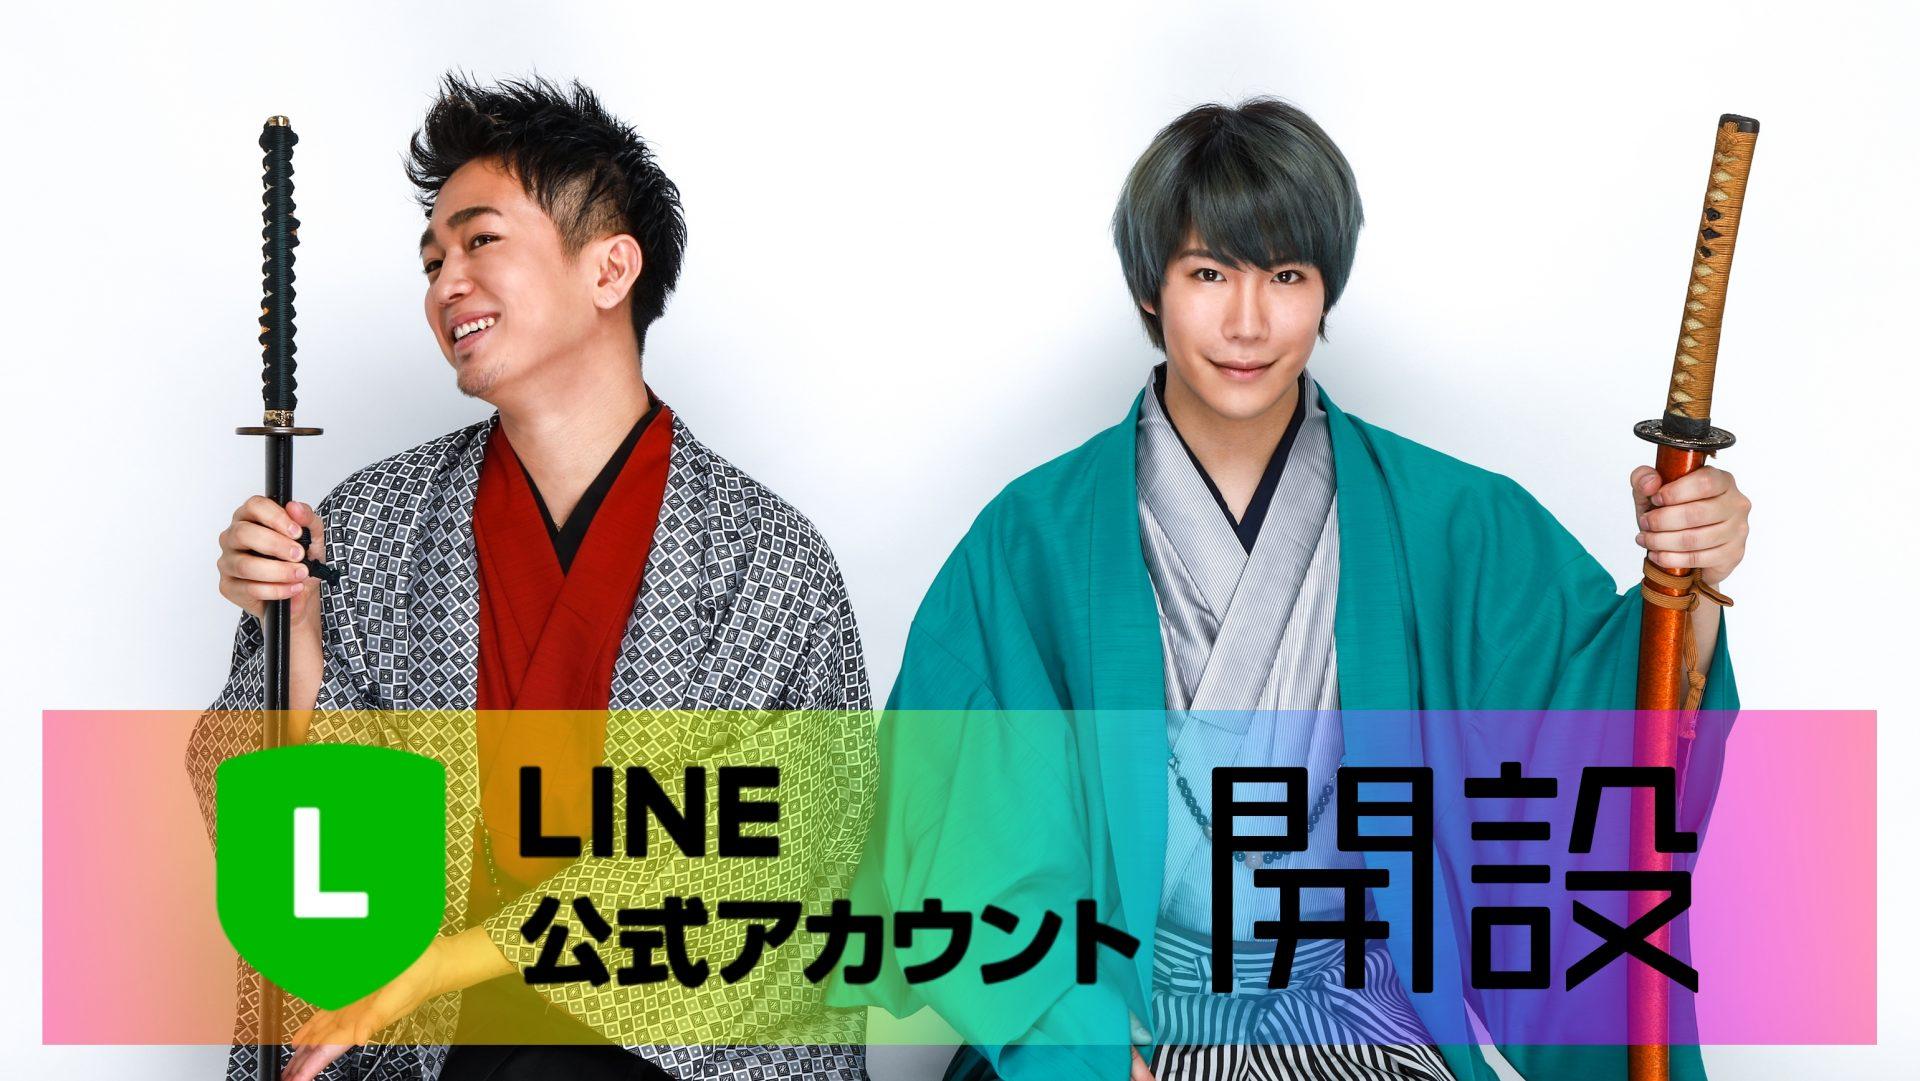 【2すとりーと】LINE公式リリースしました